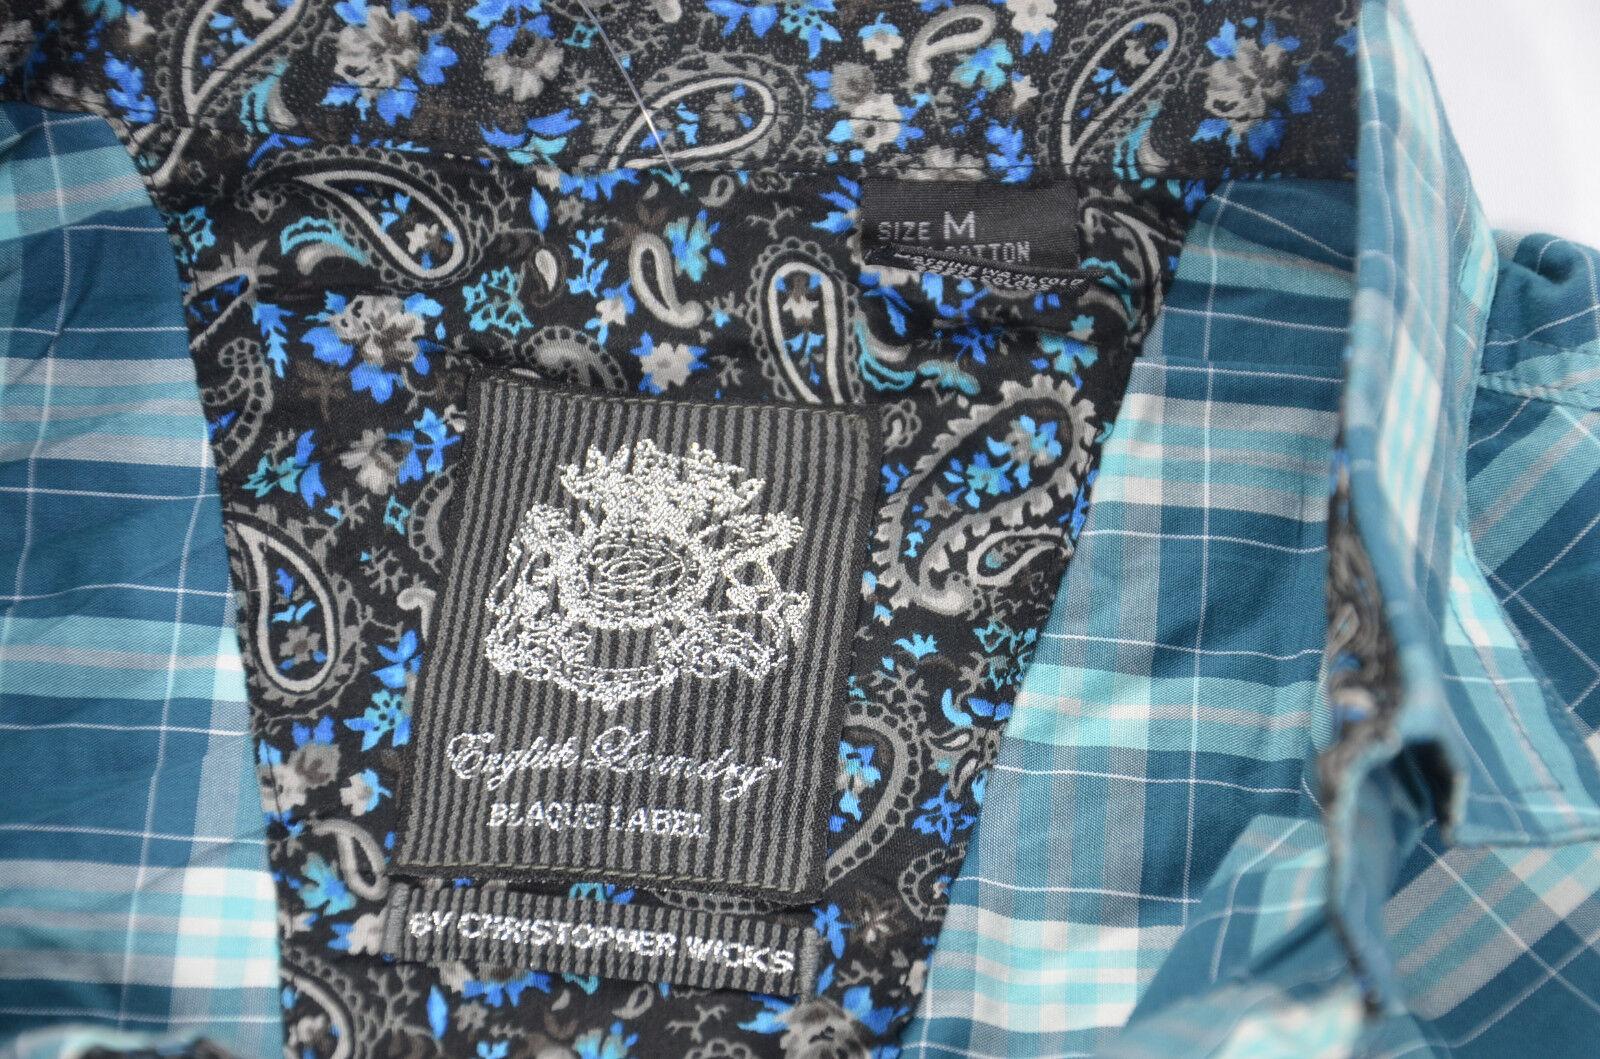 English Laundry classique Chemise Homme blaque Label classique Laundry élégant bleu moyen NOUVEAU Neuf avec étiquettes #074 025241